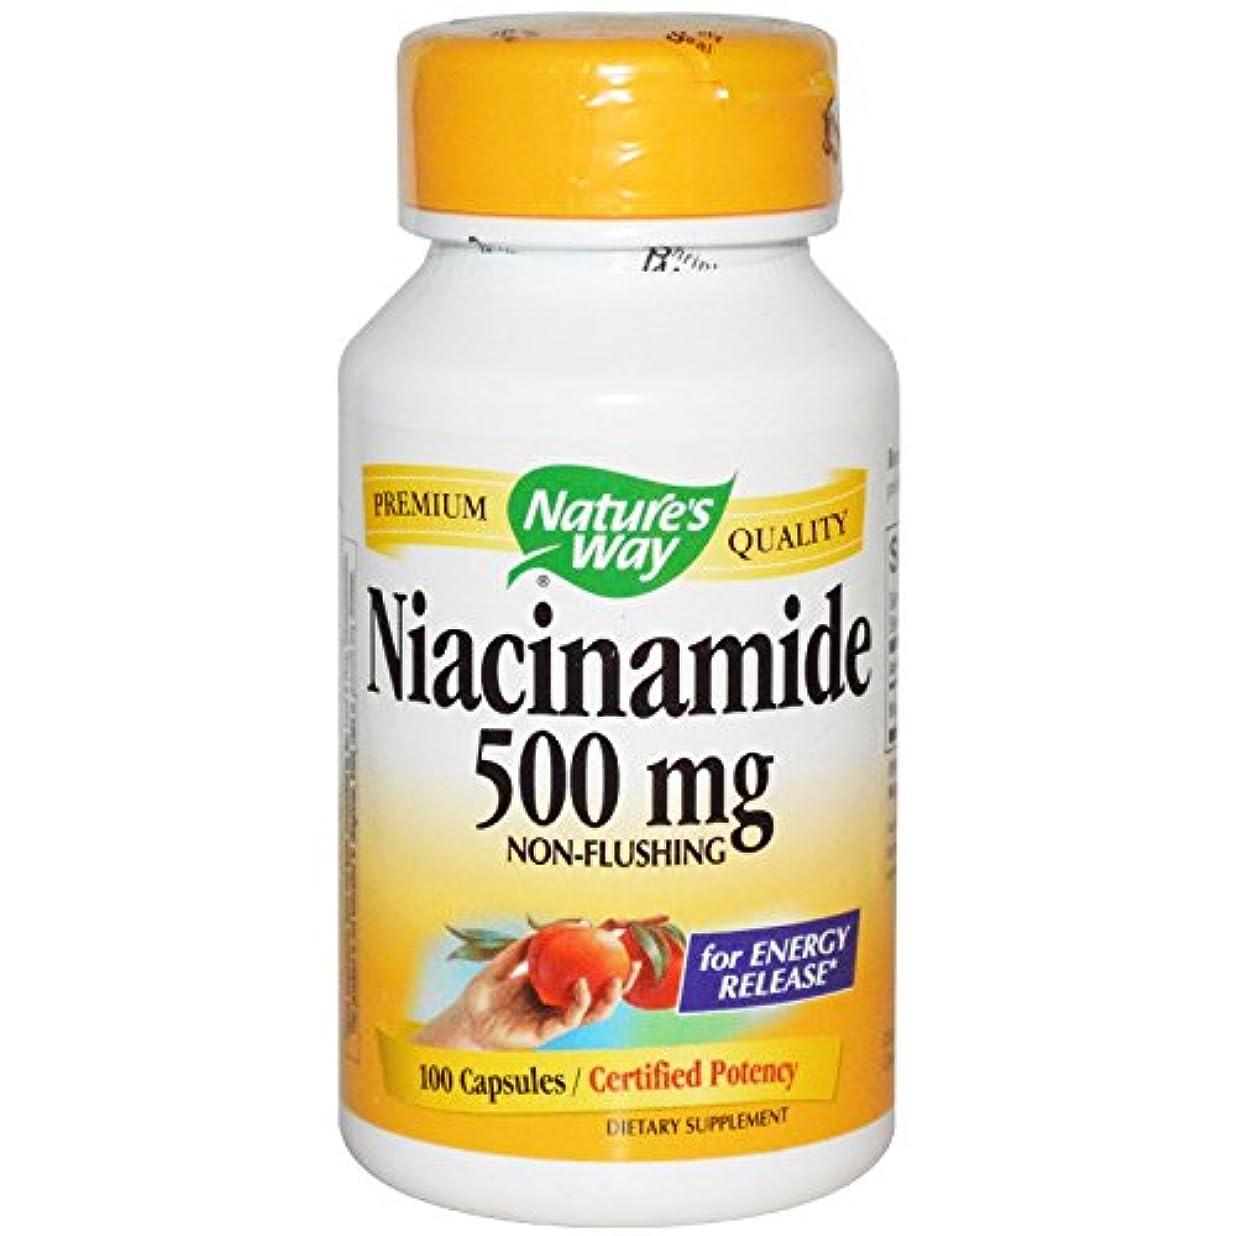 実証する違う稼ぐNature's Way, ナイアシンアミド, (ビタミンB3)500 mg, 100 カプセル [並行輸入品]